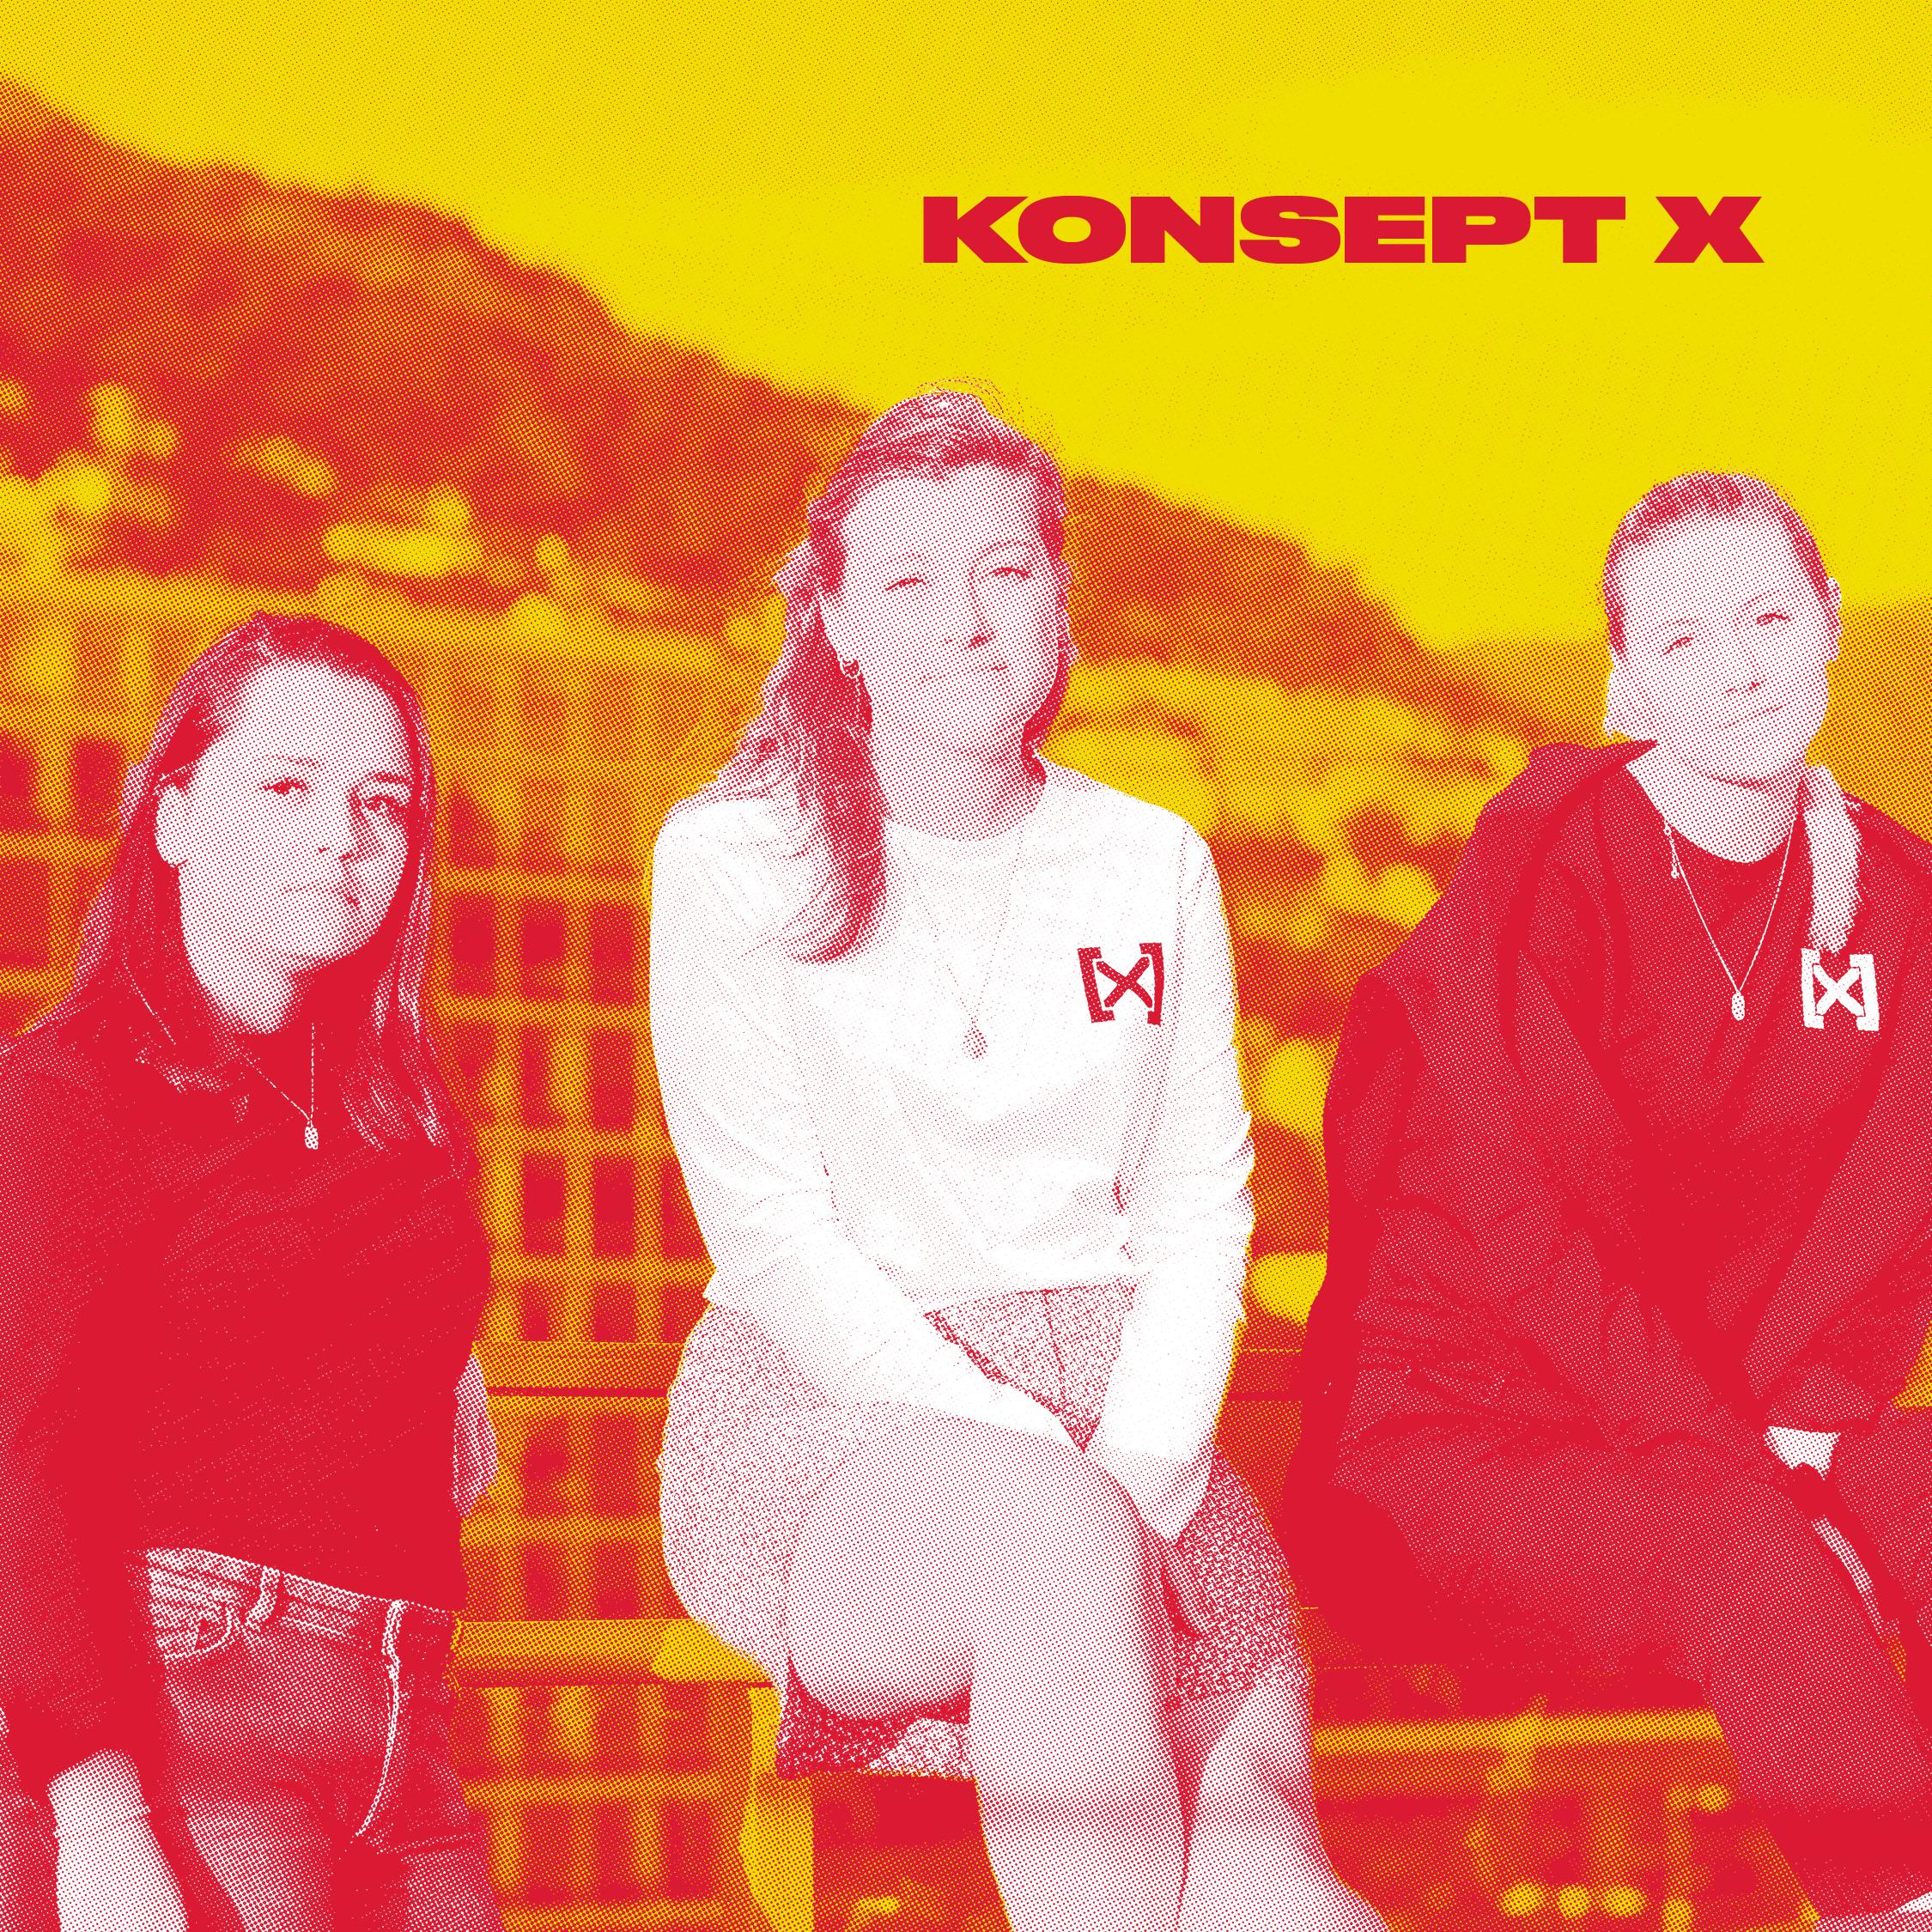 Konsept [X] er et musikkollektiv som ble etablert sommeren 2017 i Bergen, Norge. Kollektivet består av personer som er interesserte i musikk og som jobber for en mer balansert og mangfoldig musikk- og kulturbransje. På Vill Vill Vest spiller medlemmer DJ Toska og Utsikten (Rikke Toska, Jenny Hestnes og Anne Stinessen). Hver for seg er de beryktet for å skape uhemmet god stemning og for å få hele klubben til å svette, danse og shake! De spiller en deilig blanding skamløs dansepop, hip hop, afrobeats, og house. Her finnes ikke guilty pleasures - bare pleasure!